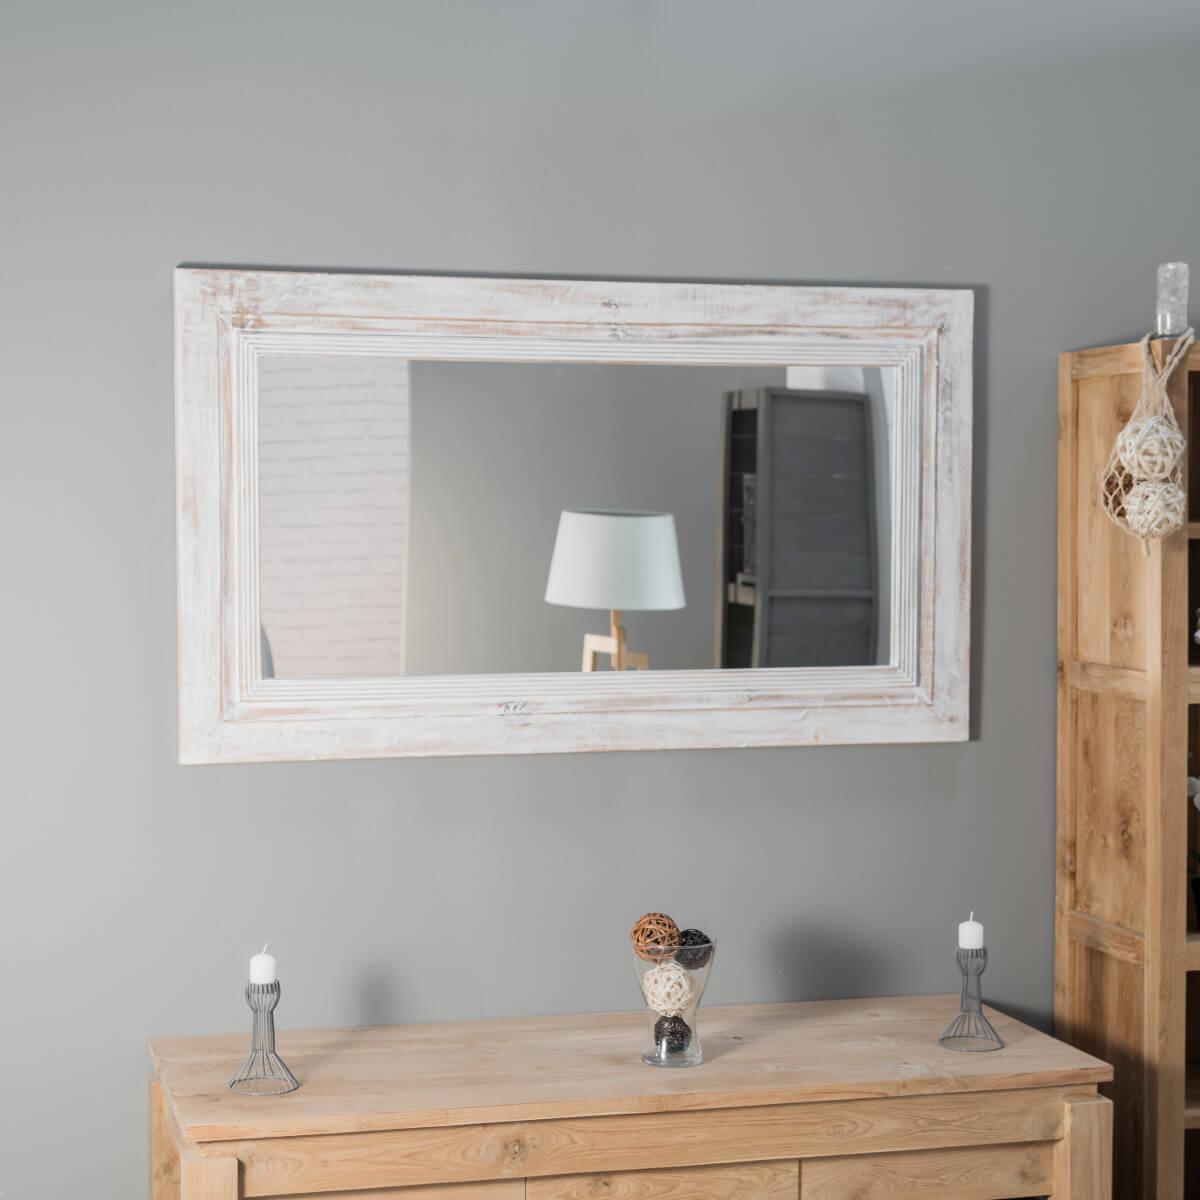 espejo venecia de madera con p tina lacado blanco 140 x 80 cm ForEspejo 140 X 80